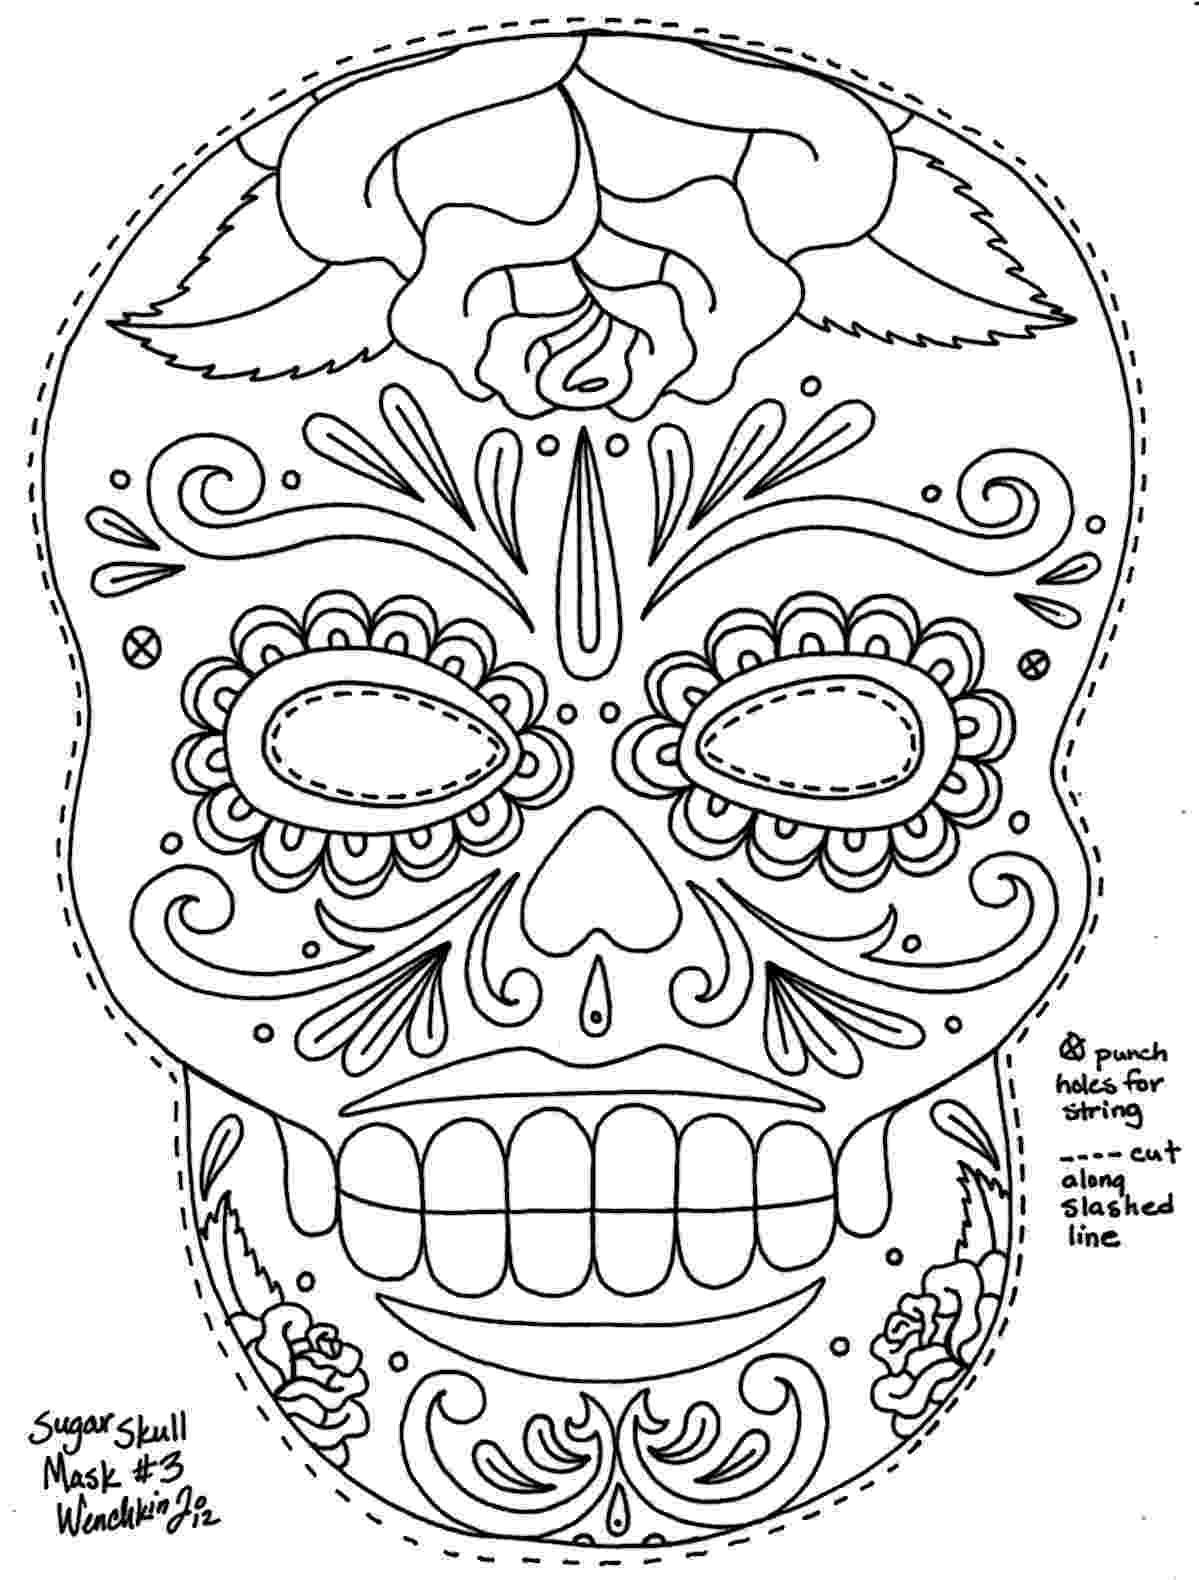 sugar skulls pictures sugar skull by thirteen7s sugar skull tattoos skull pictures skulls sugar